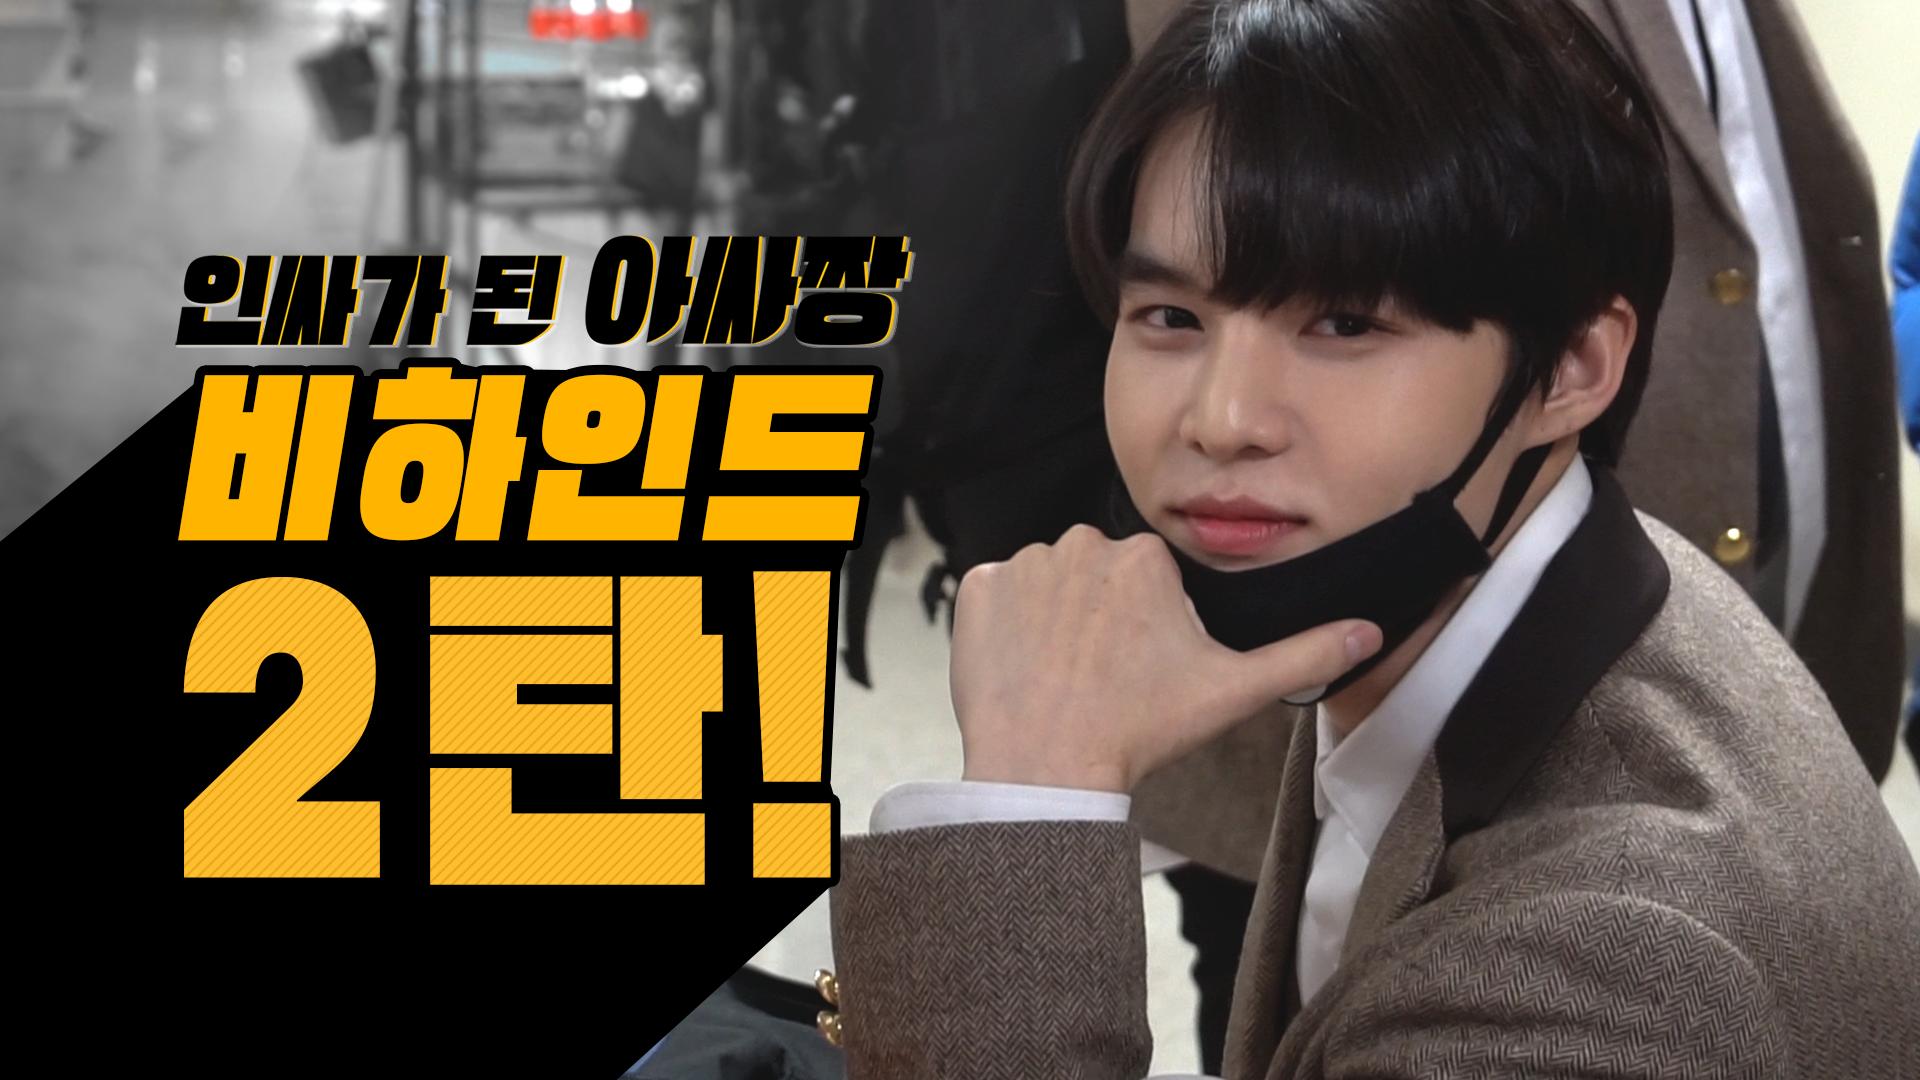 [메이킹] 아싸짱 배우들의 첫 촬영 현장! 드라마 배우들의 1일 감독 체험? / 인싸가 된 아싸